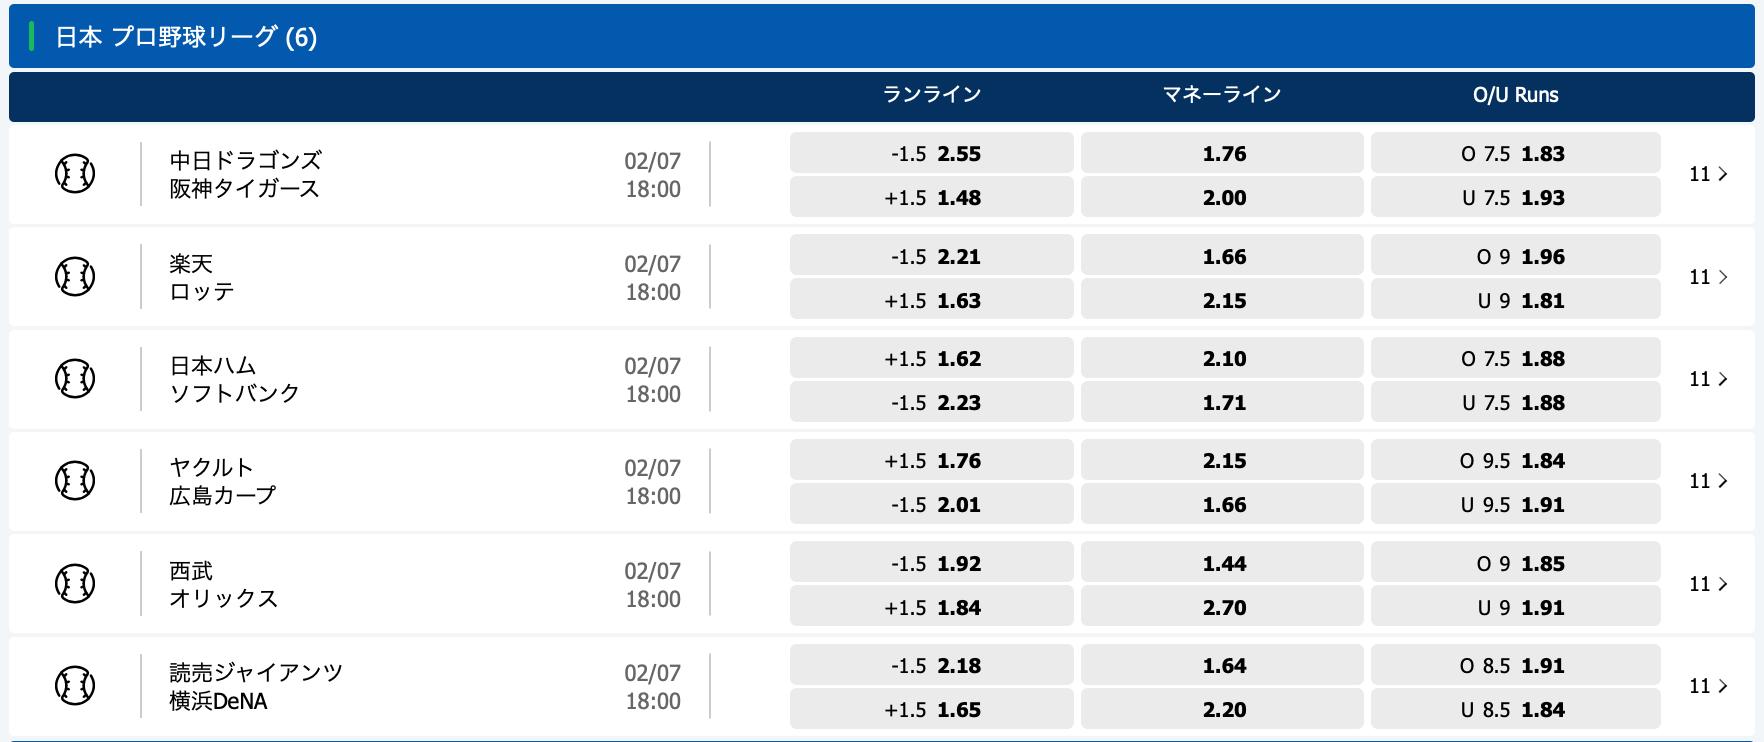 2020.7.2 プロ野球オッズ・10bet Japan